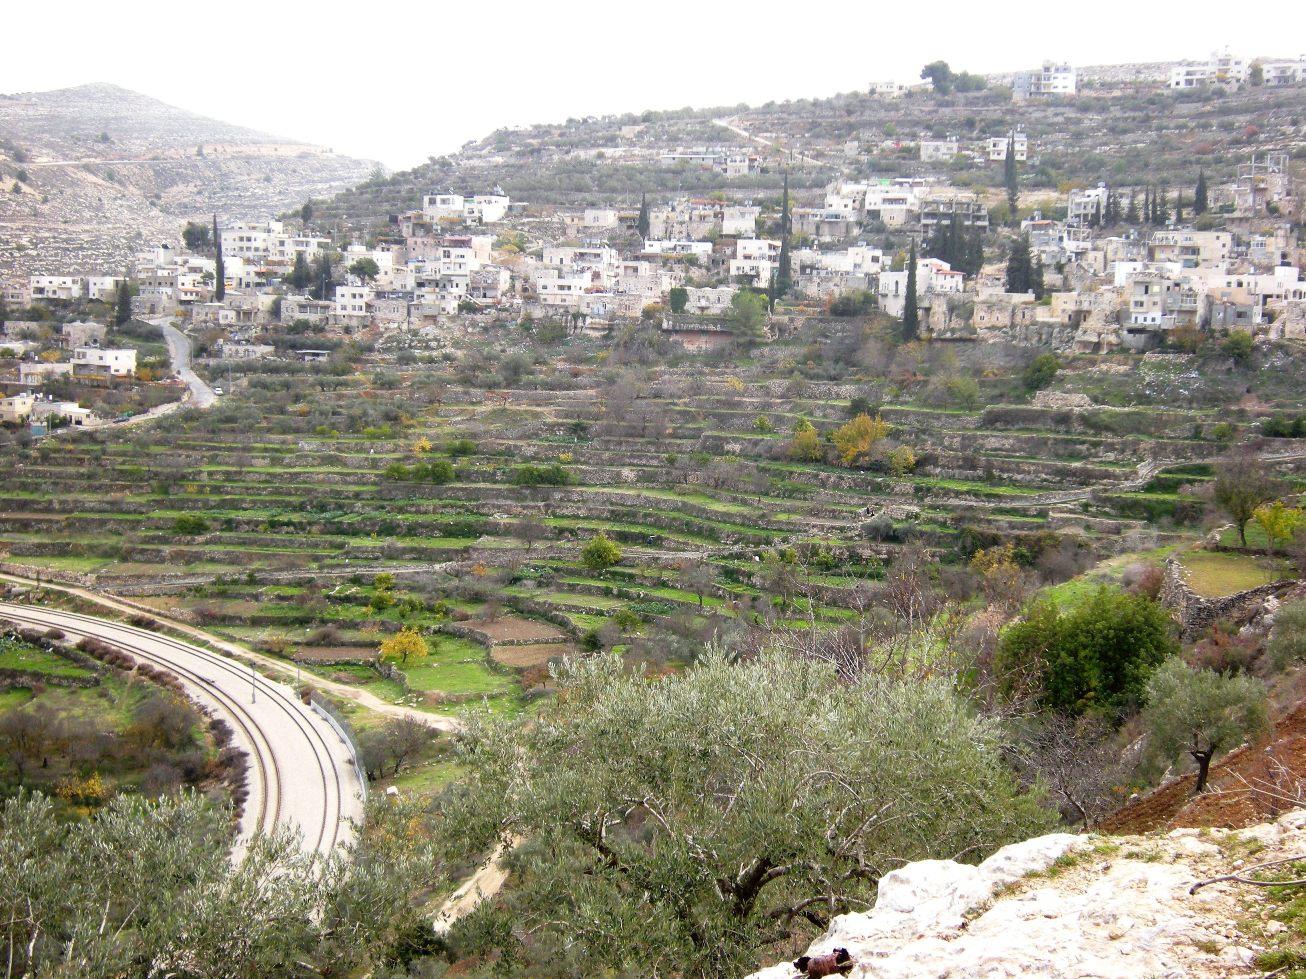 PALESTINA Battir ha vinto  patrimonio Unesco  NenaNews